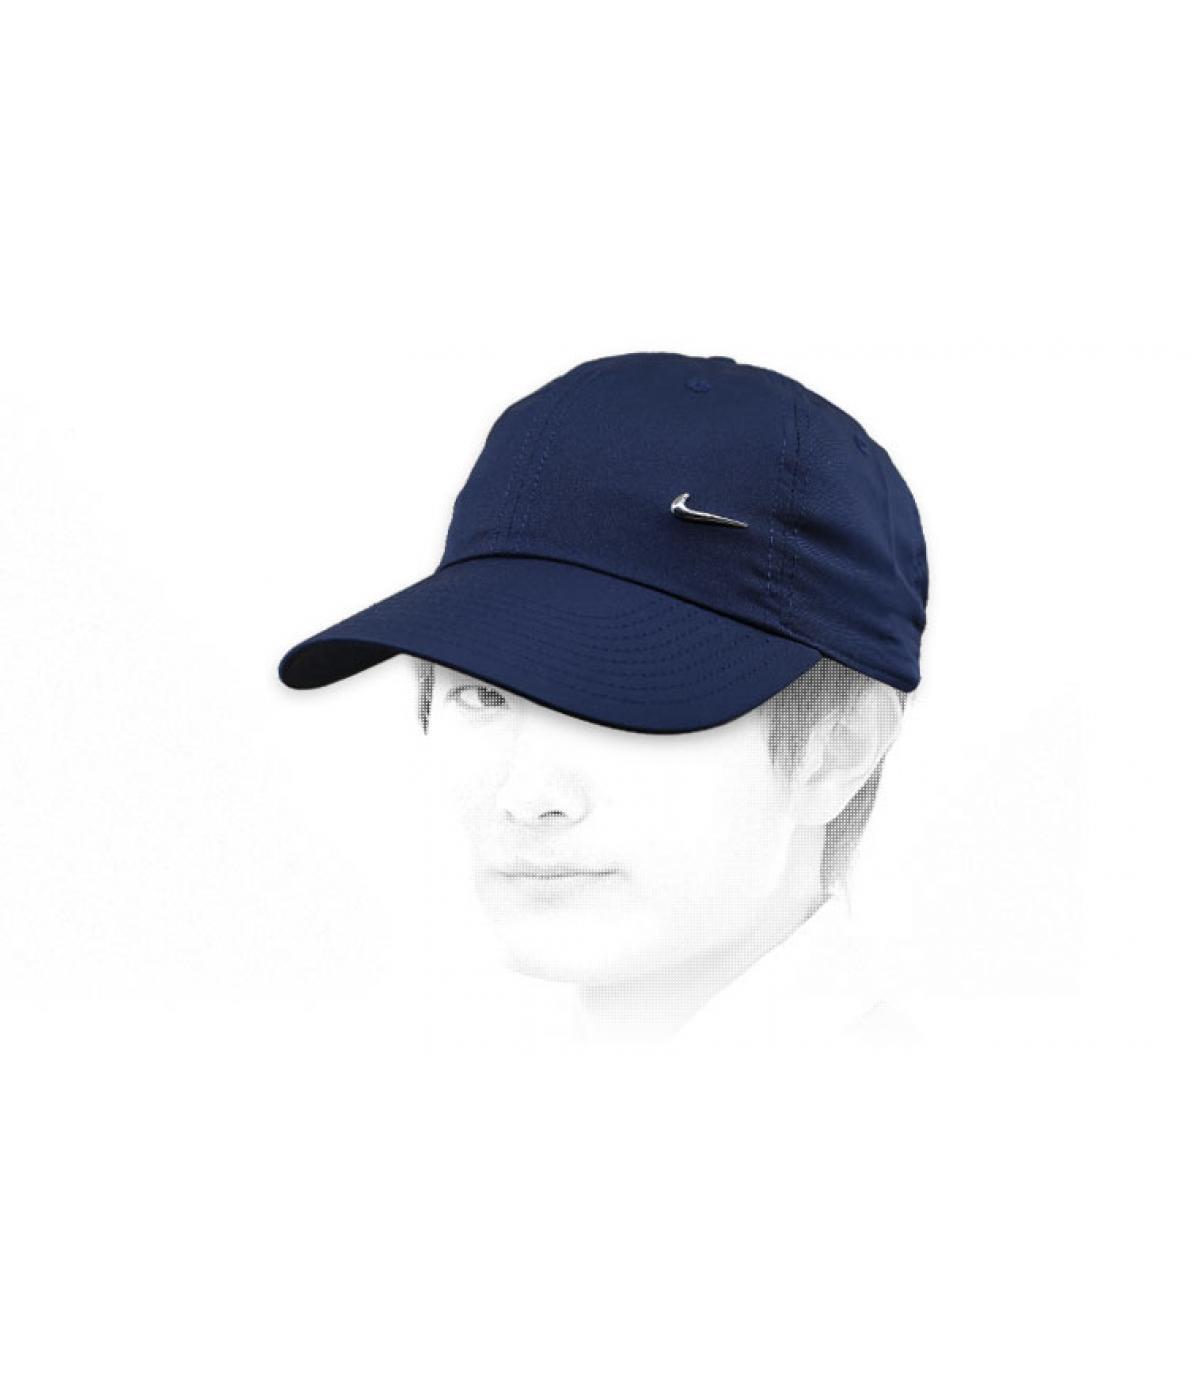 Marineblaue Nike Cap